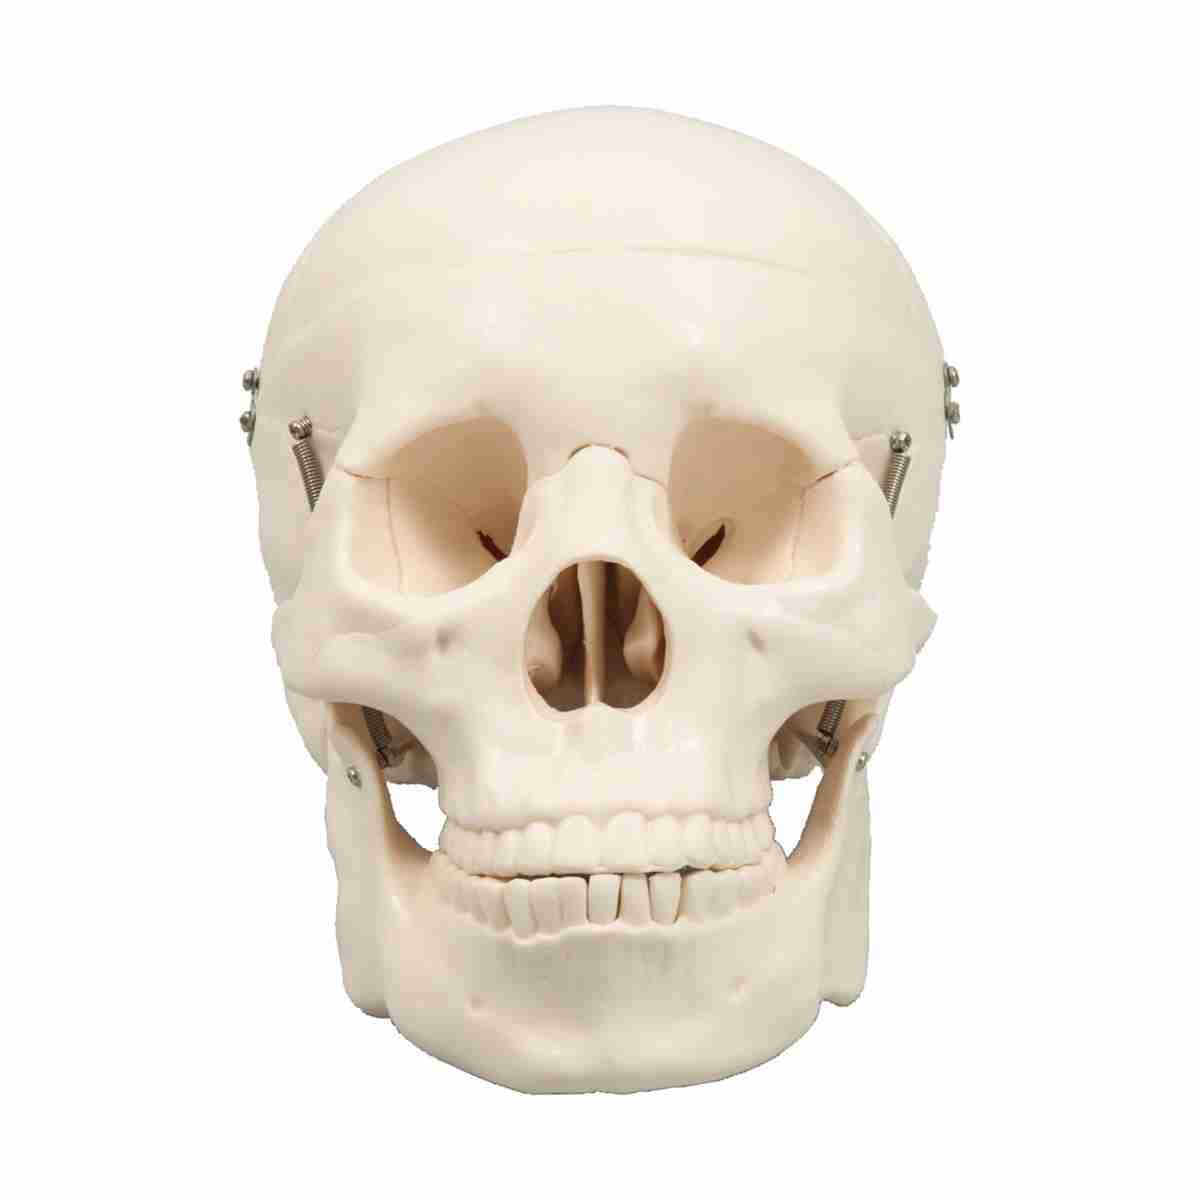 頭蓋骨模型 教育 知育 おもちゃ 玩具 頭の体操 幼稚園 小学校 トイ ギフト 出産祝 卒園祝 卒業祝 キッズ 3980円以上送料無料